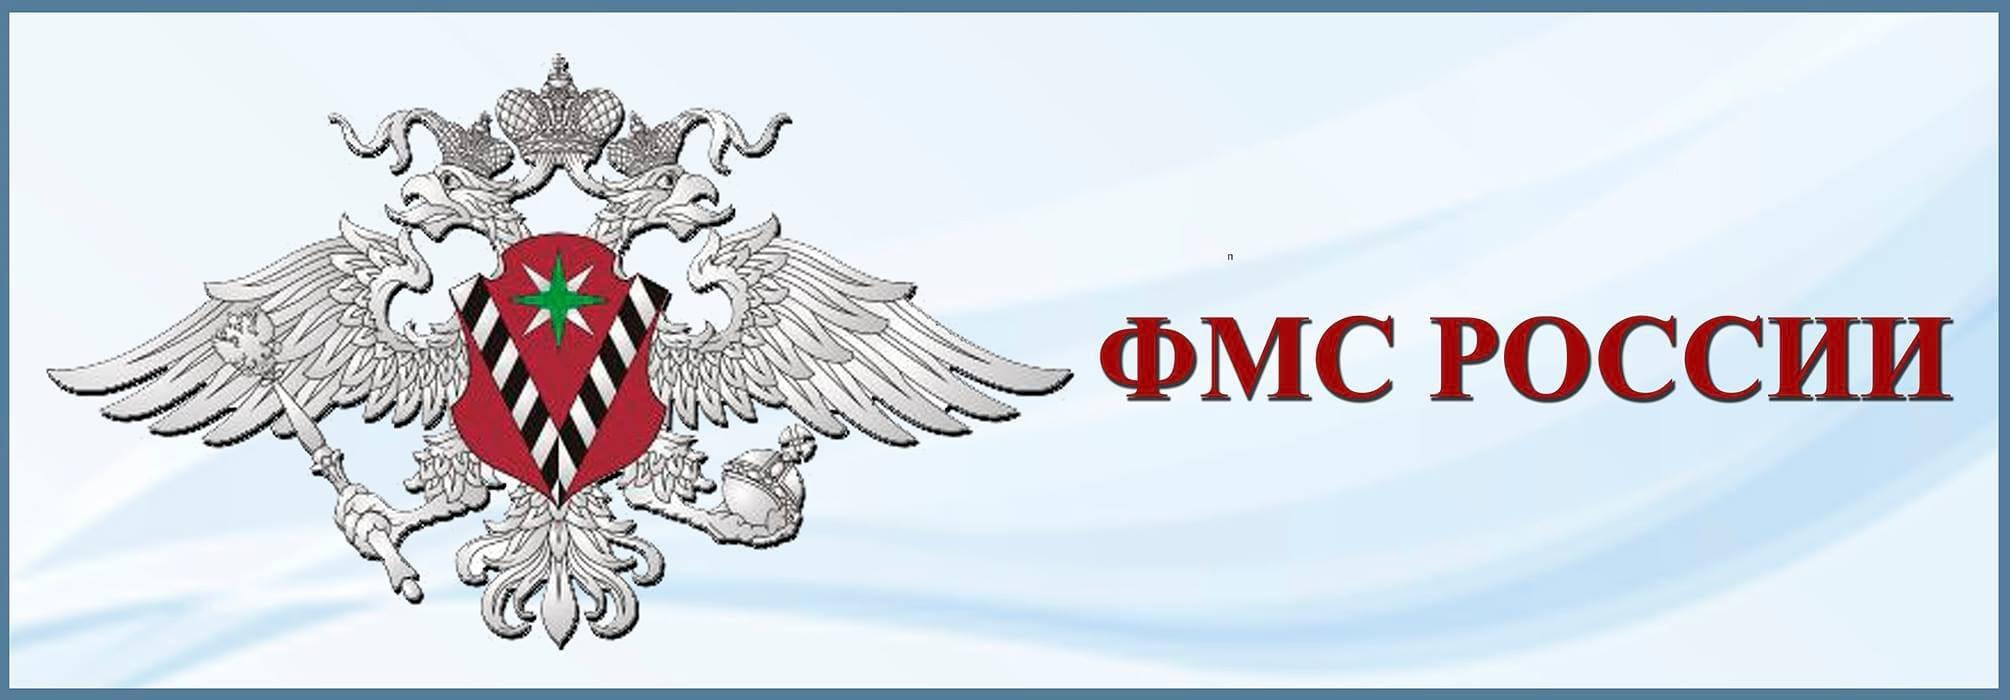 Уфмс россии по санкт-петербургу и ленинградской области, порно камшоты звезд